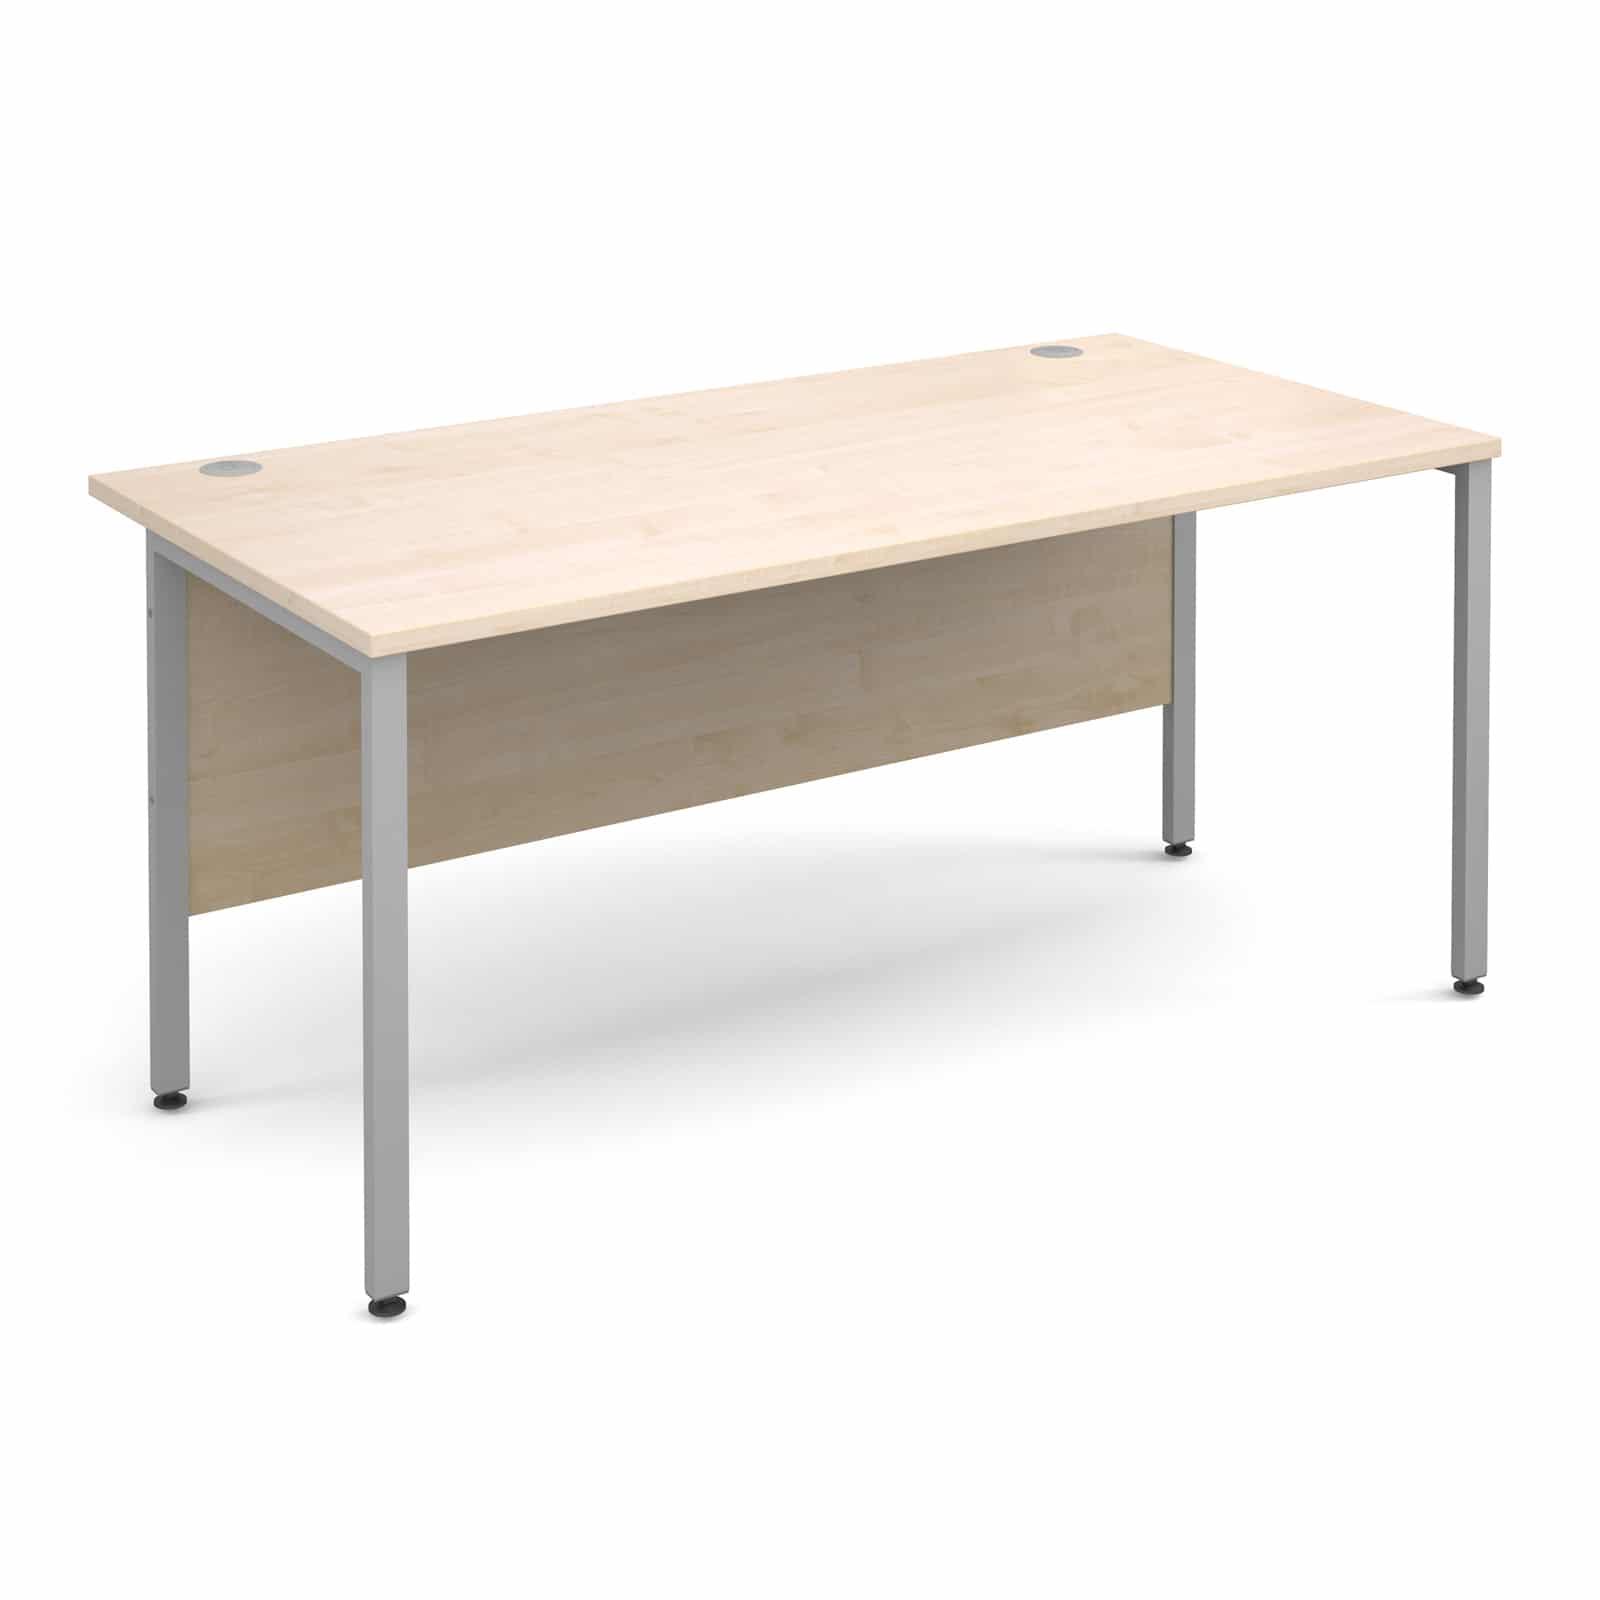 H frame 1600 x 800mm straight maple office desk bimi - Maple office desk ...